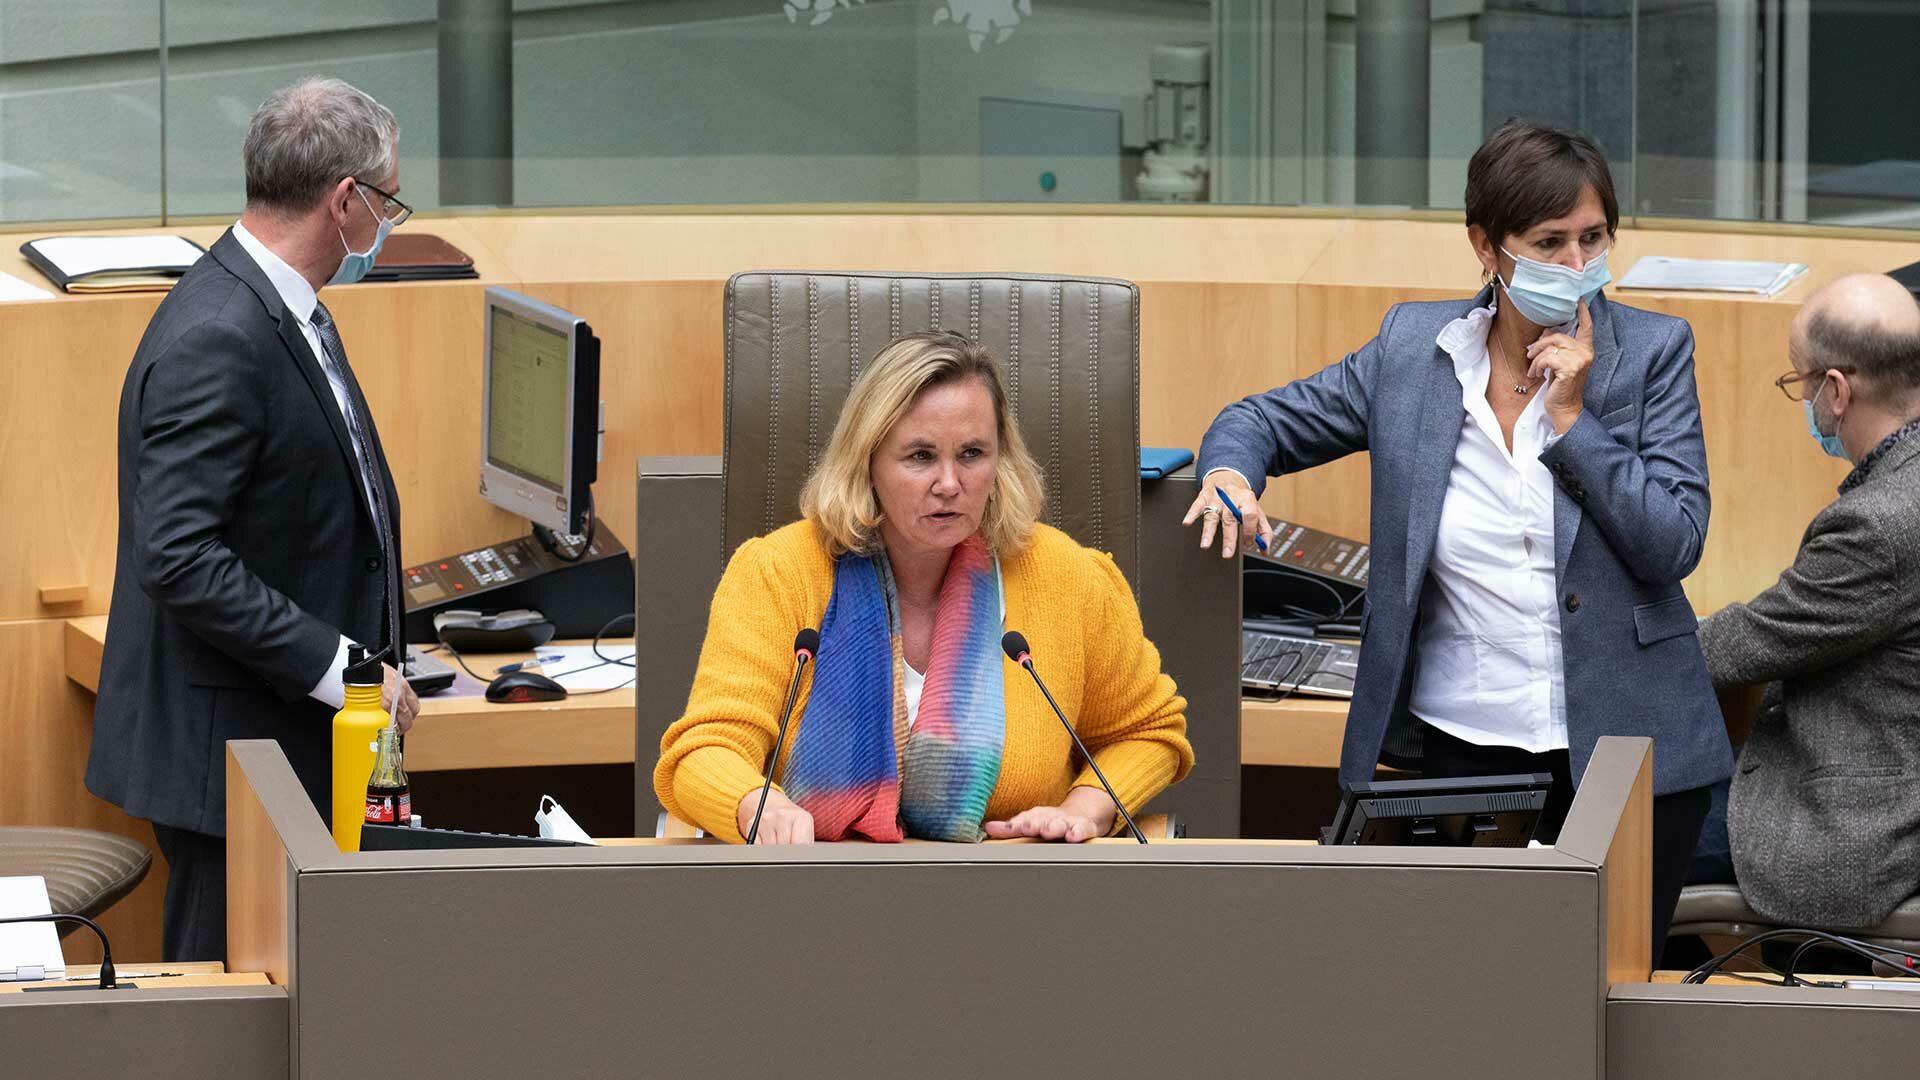 Actuele vragen - Vlaams Parlement - Liesbeth Homans